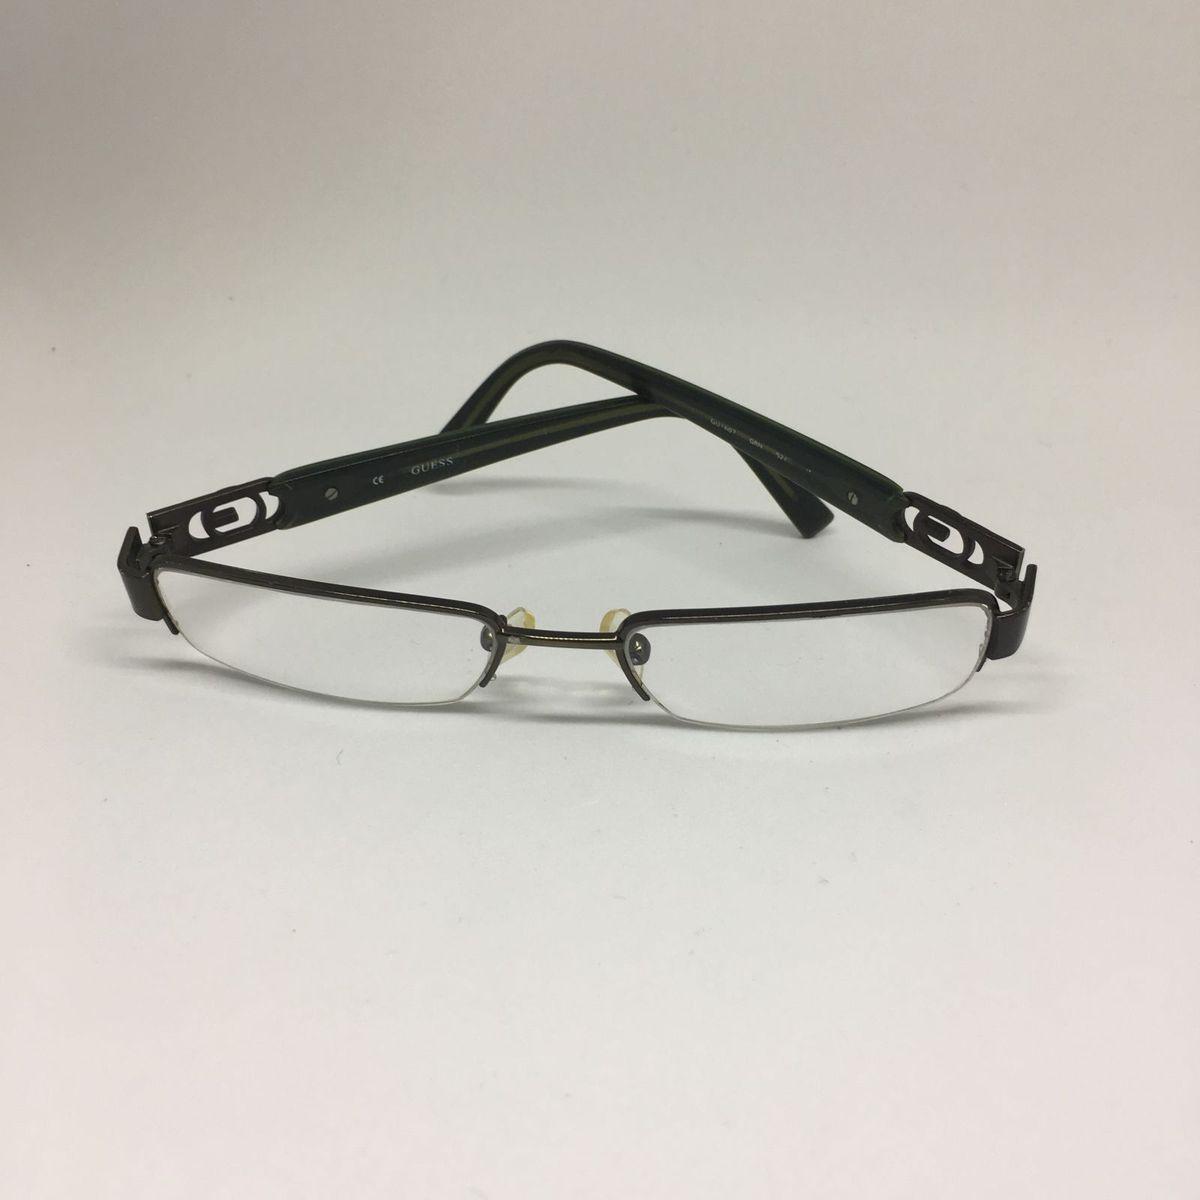 d0ff124ec Armação de Óculos Guess | Óculos Feminino Guess Usado 18328847 | enjoei